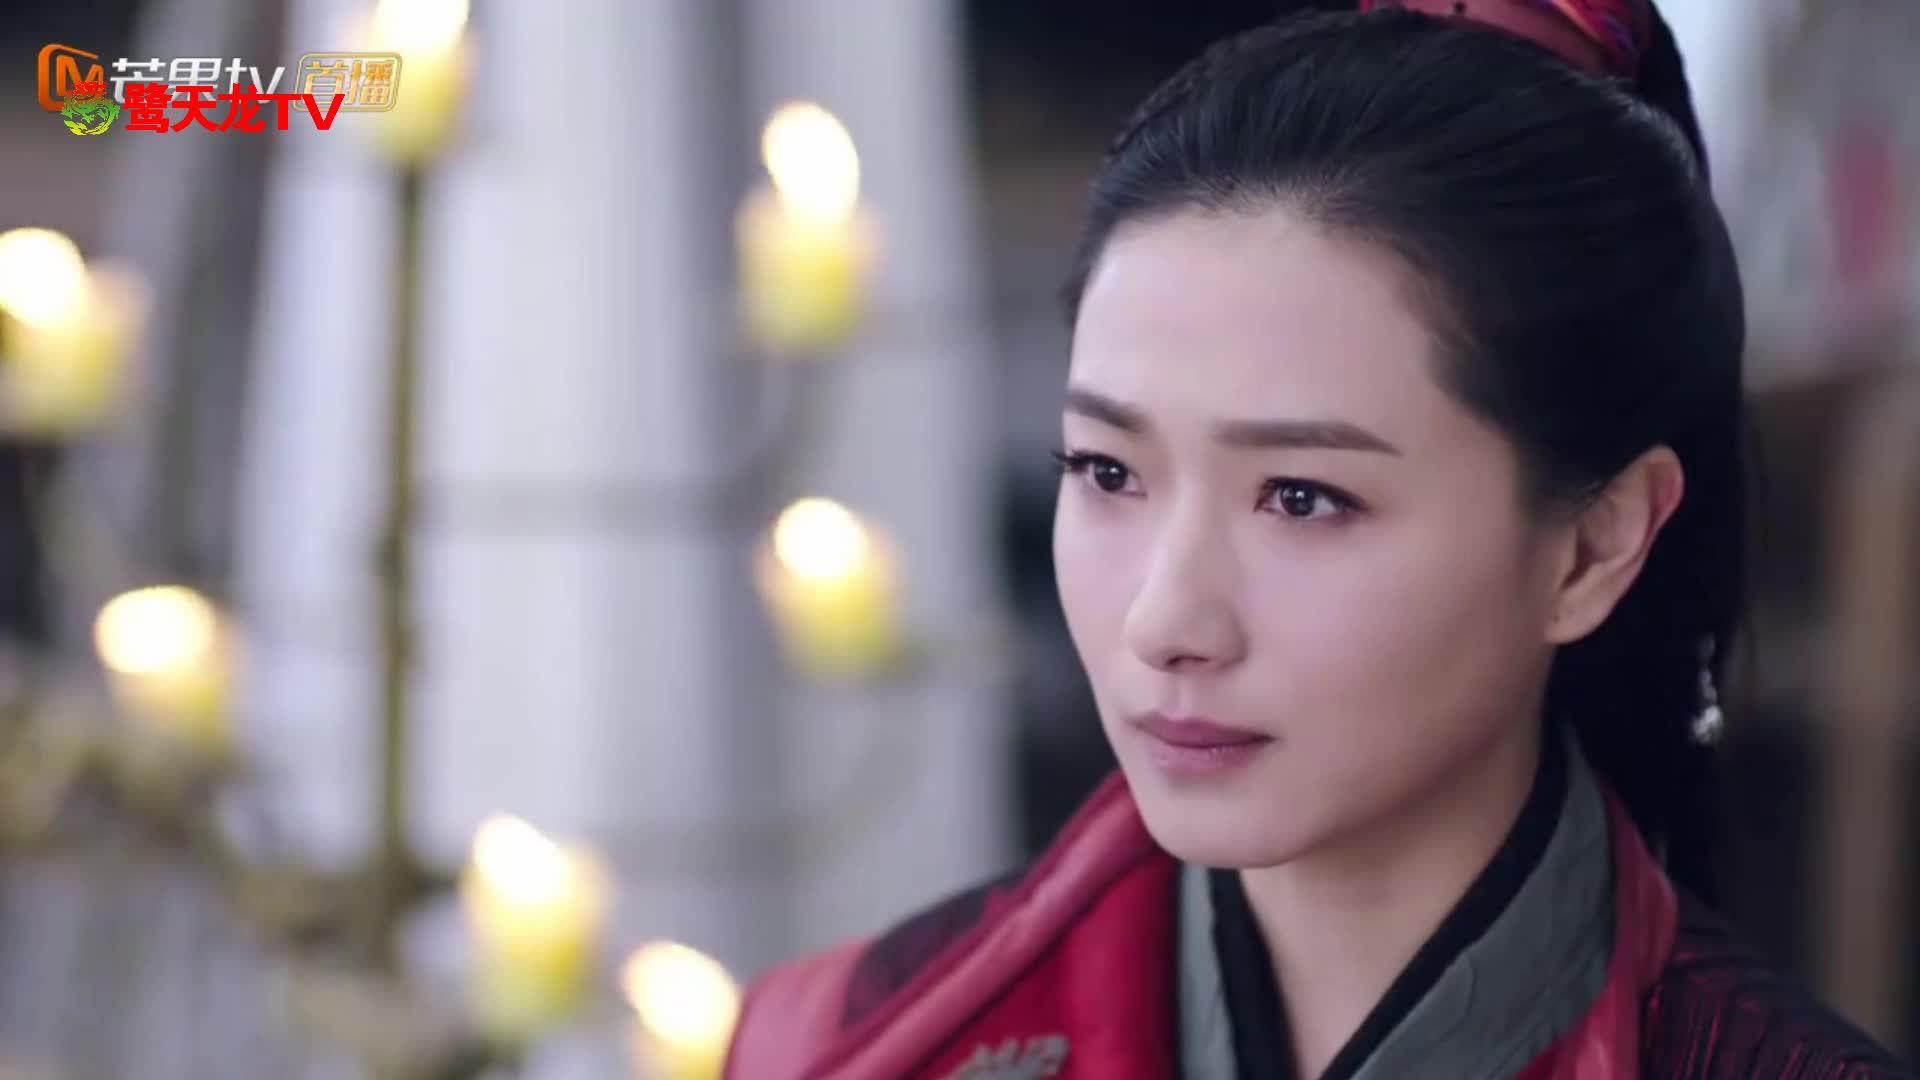 """独孤直诉衷肠""""想嫁你"""" 广平王决然拒绝不负珍珠"""